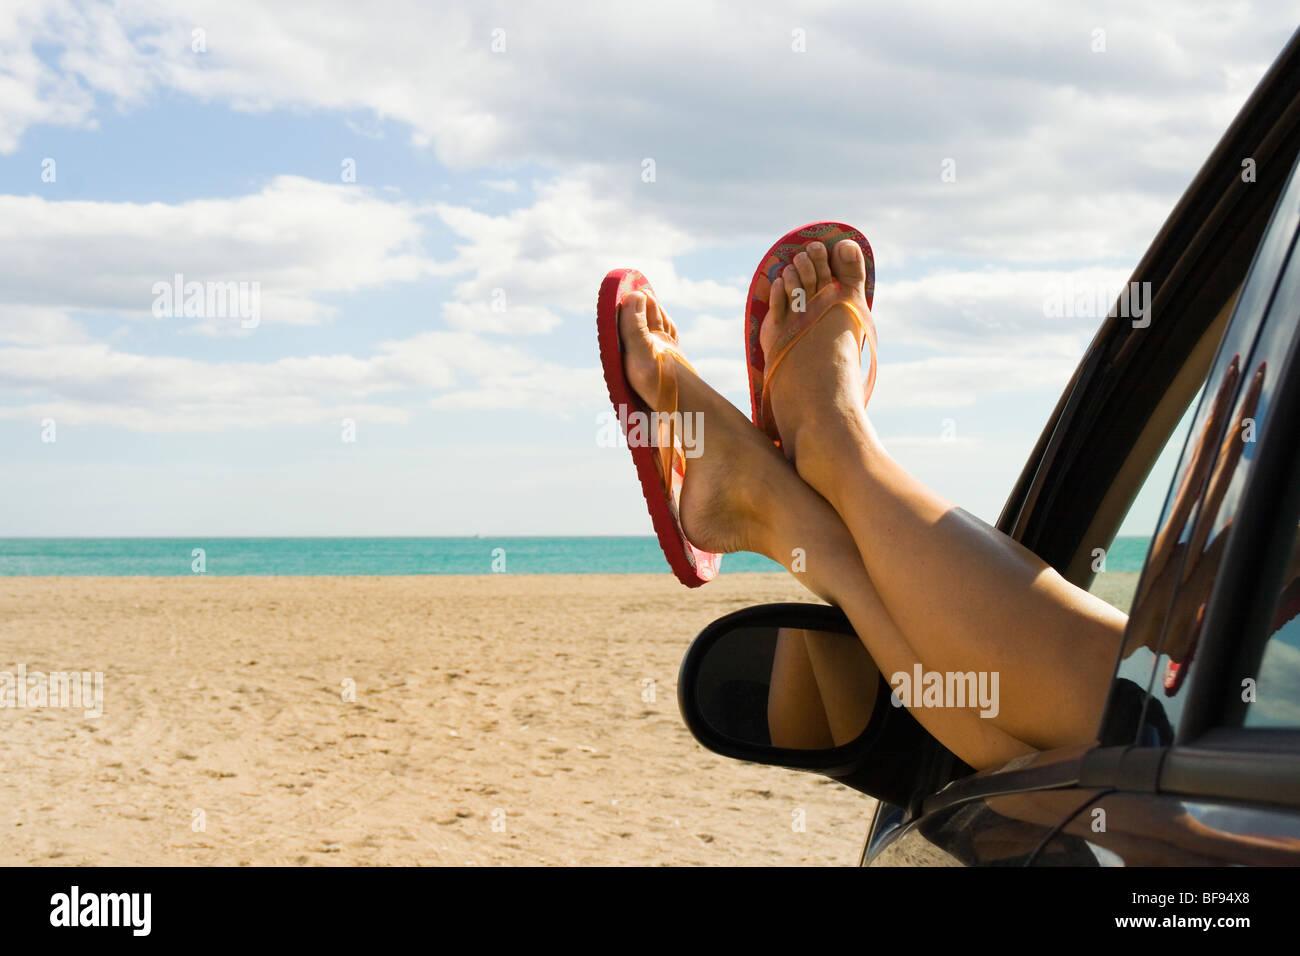 Los pies y las piernas de una mujer en naranja flip flops que sobresalen de la ventanilla en la parte delantera Imagen De Stock